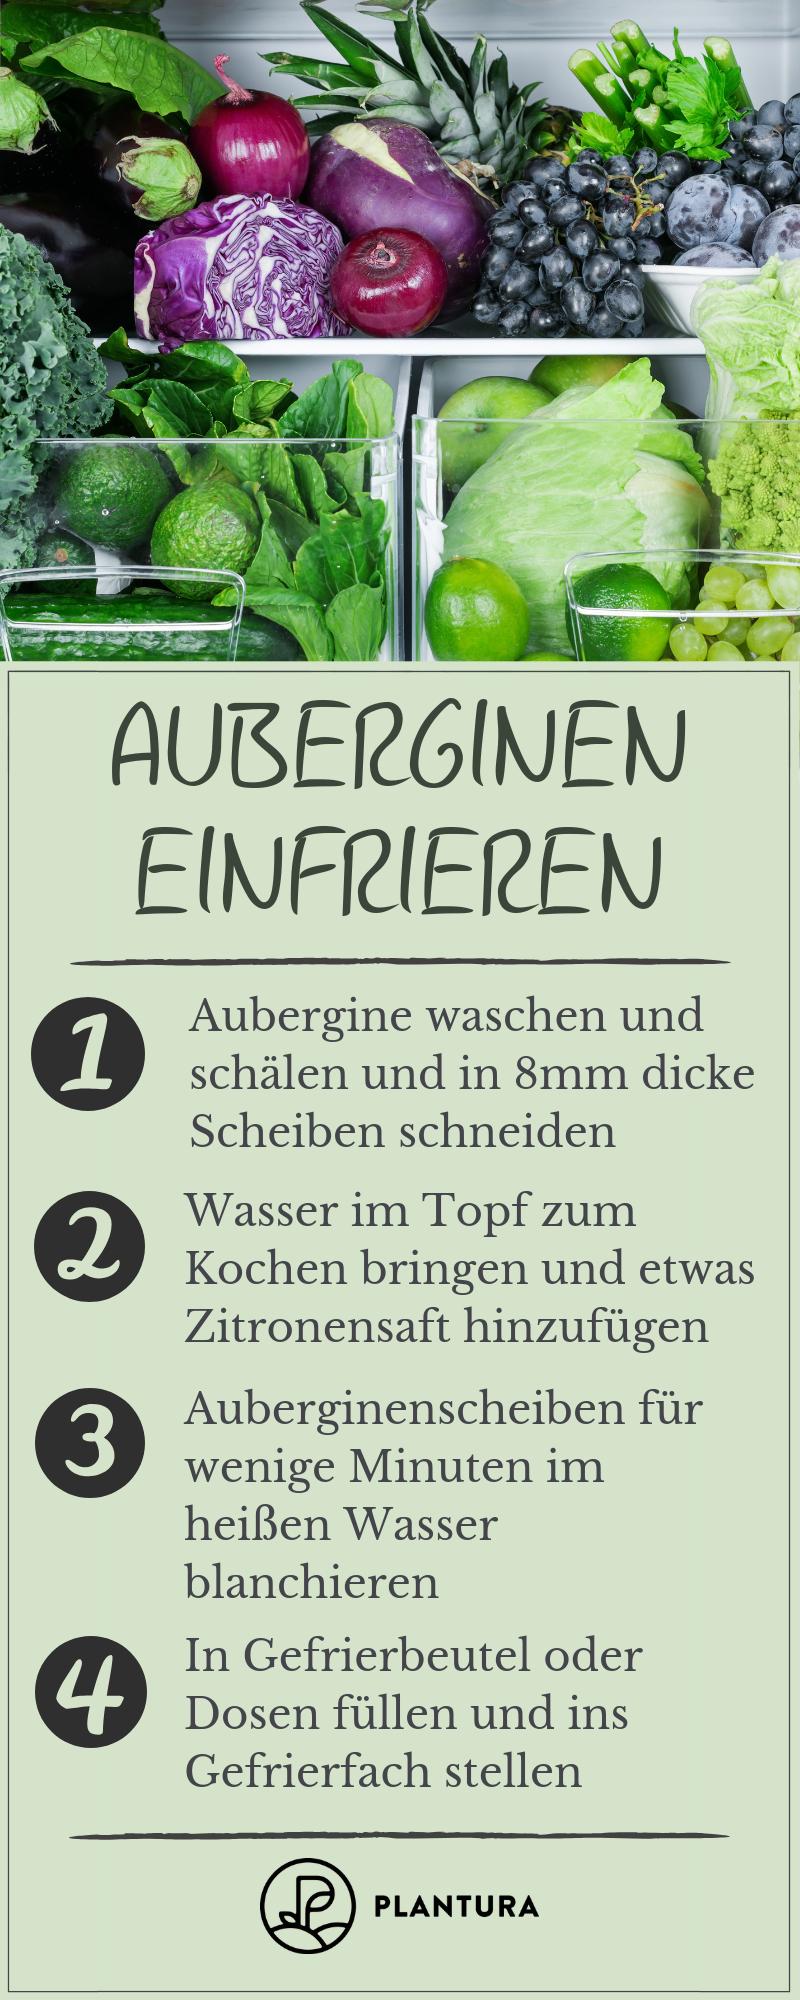 aubergine einfrieren